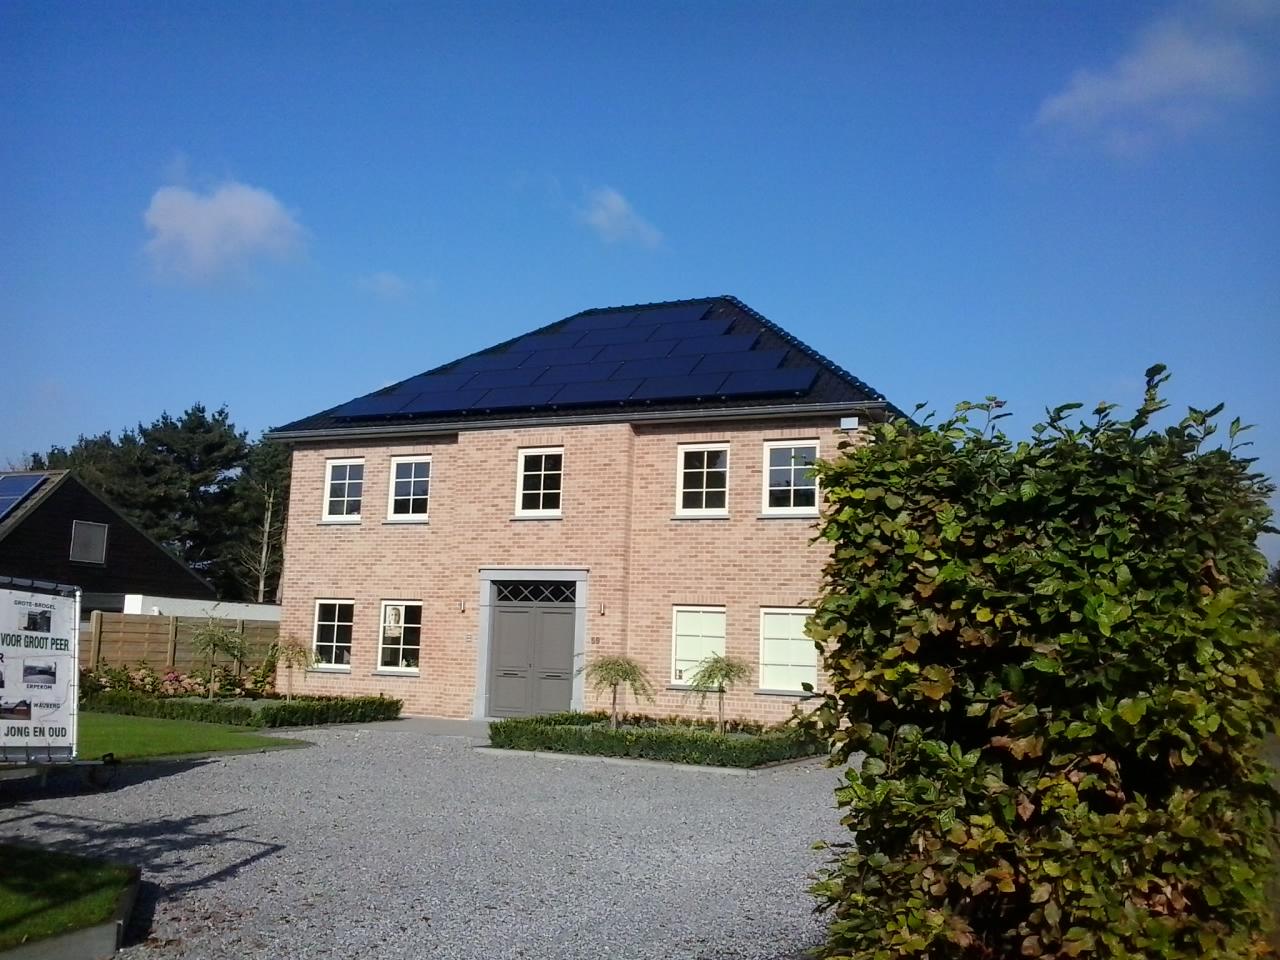 Jouw energie alles om uw huis energiezuinig te maken for Energiezuinig huis